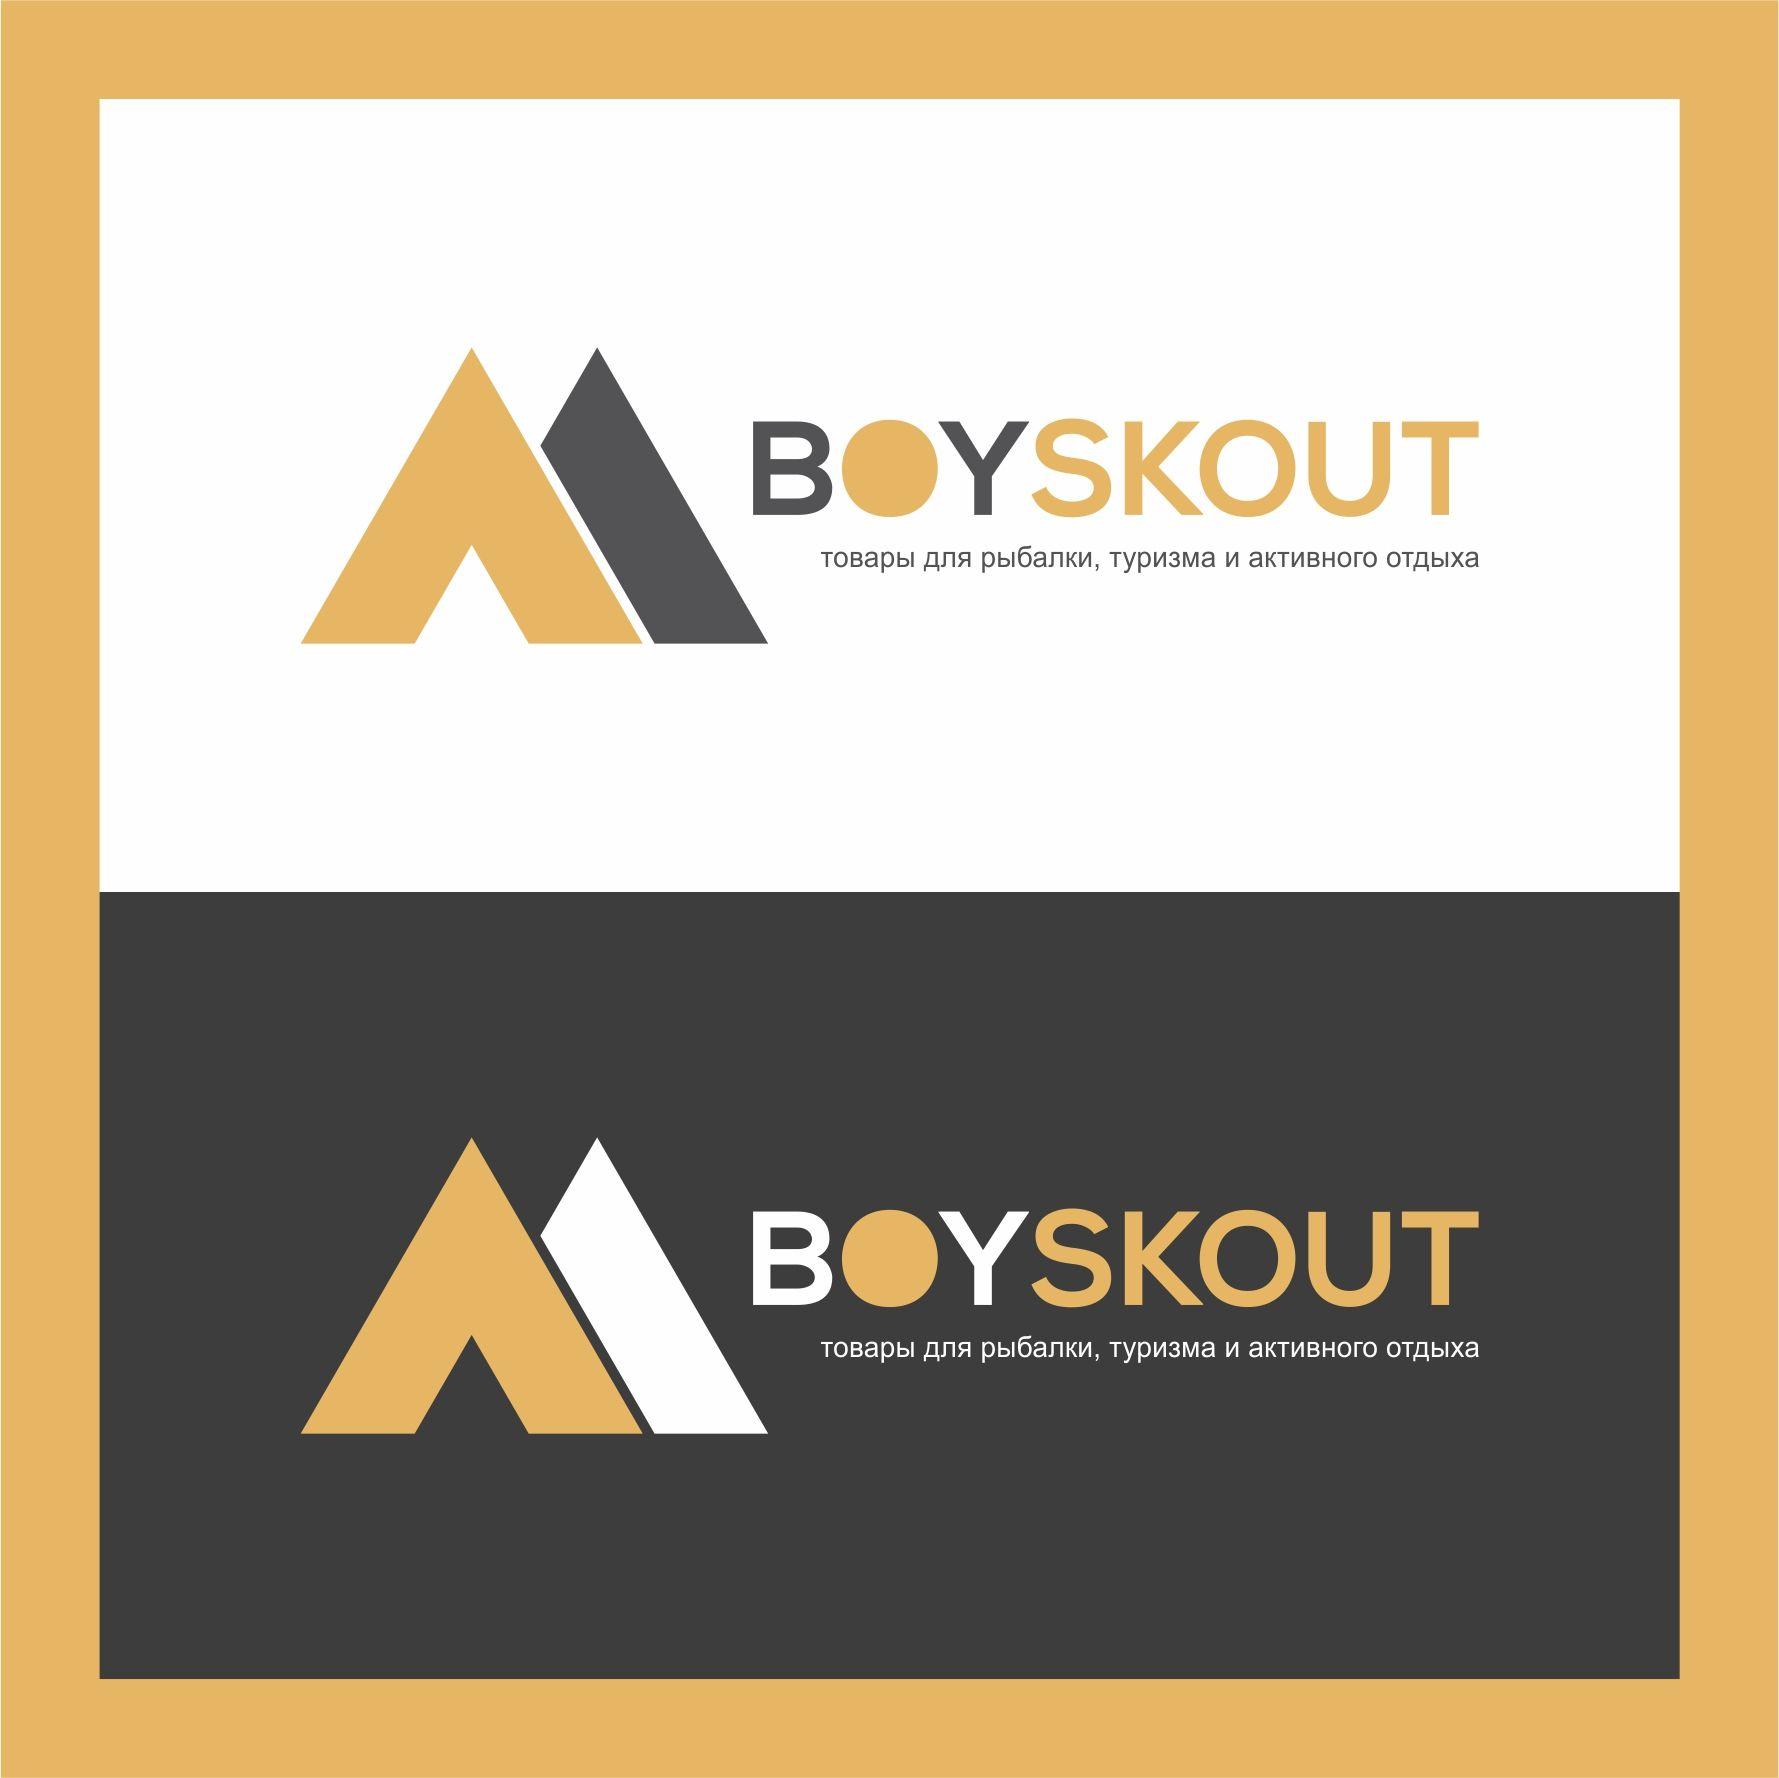 Логотип для сайта интернет-магазина BOY SCOUT - дизайнер NickLight